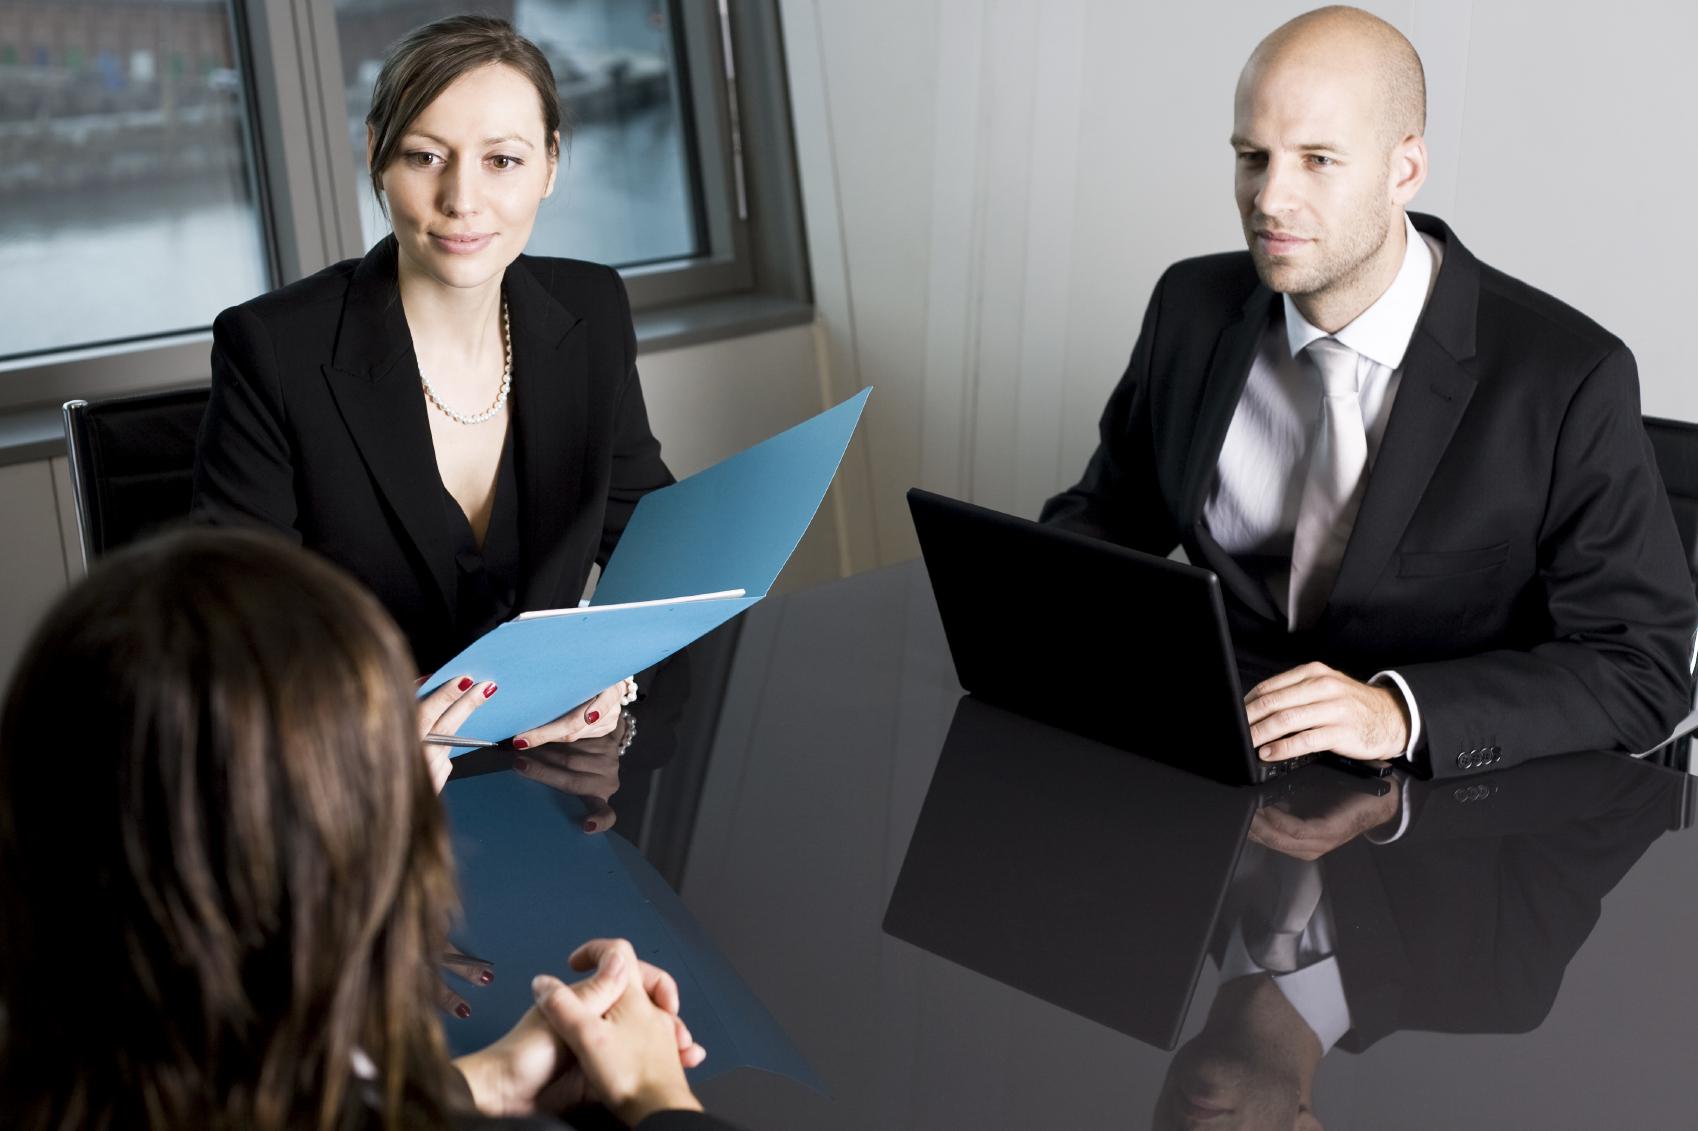 vorstellungsgespräch führen - jobscout24